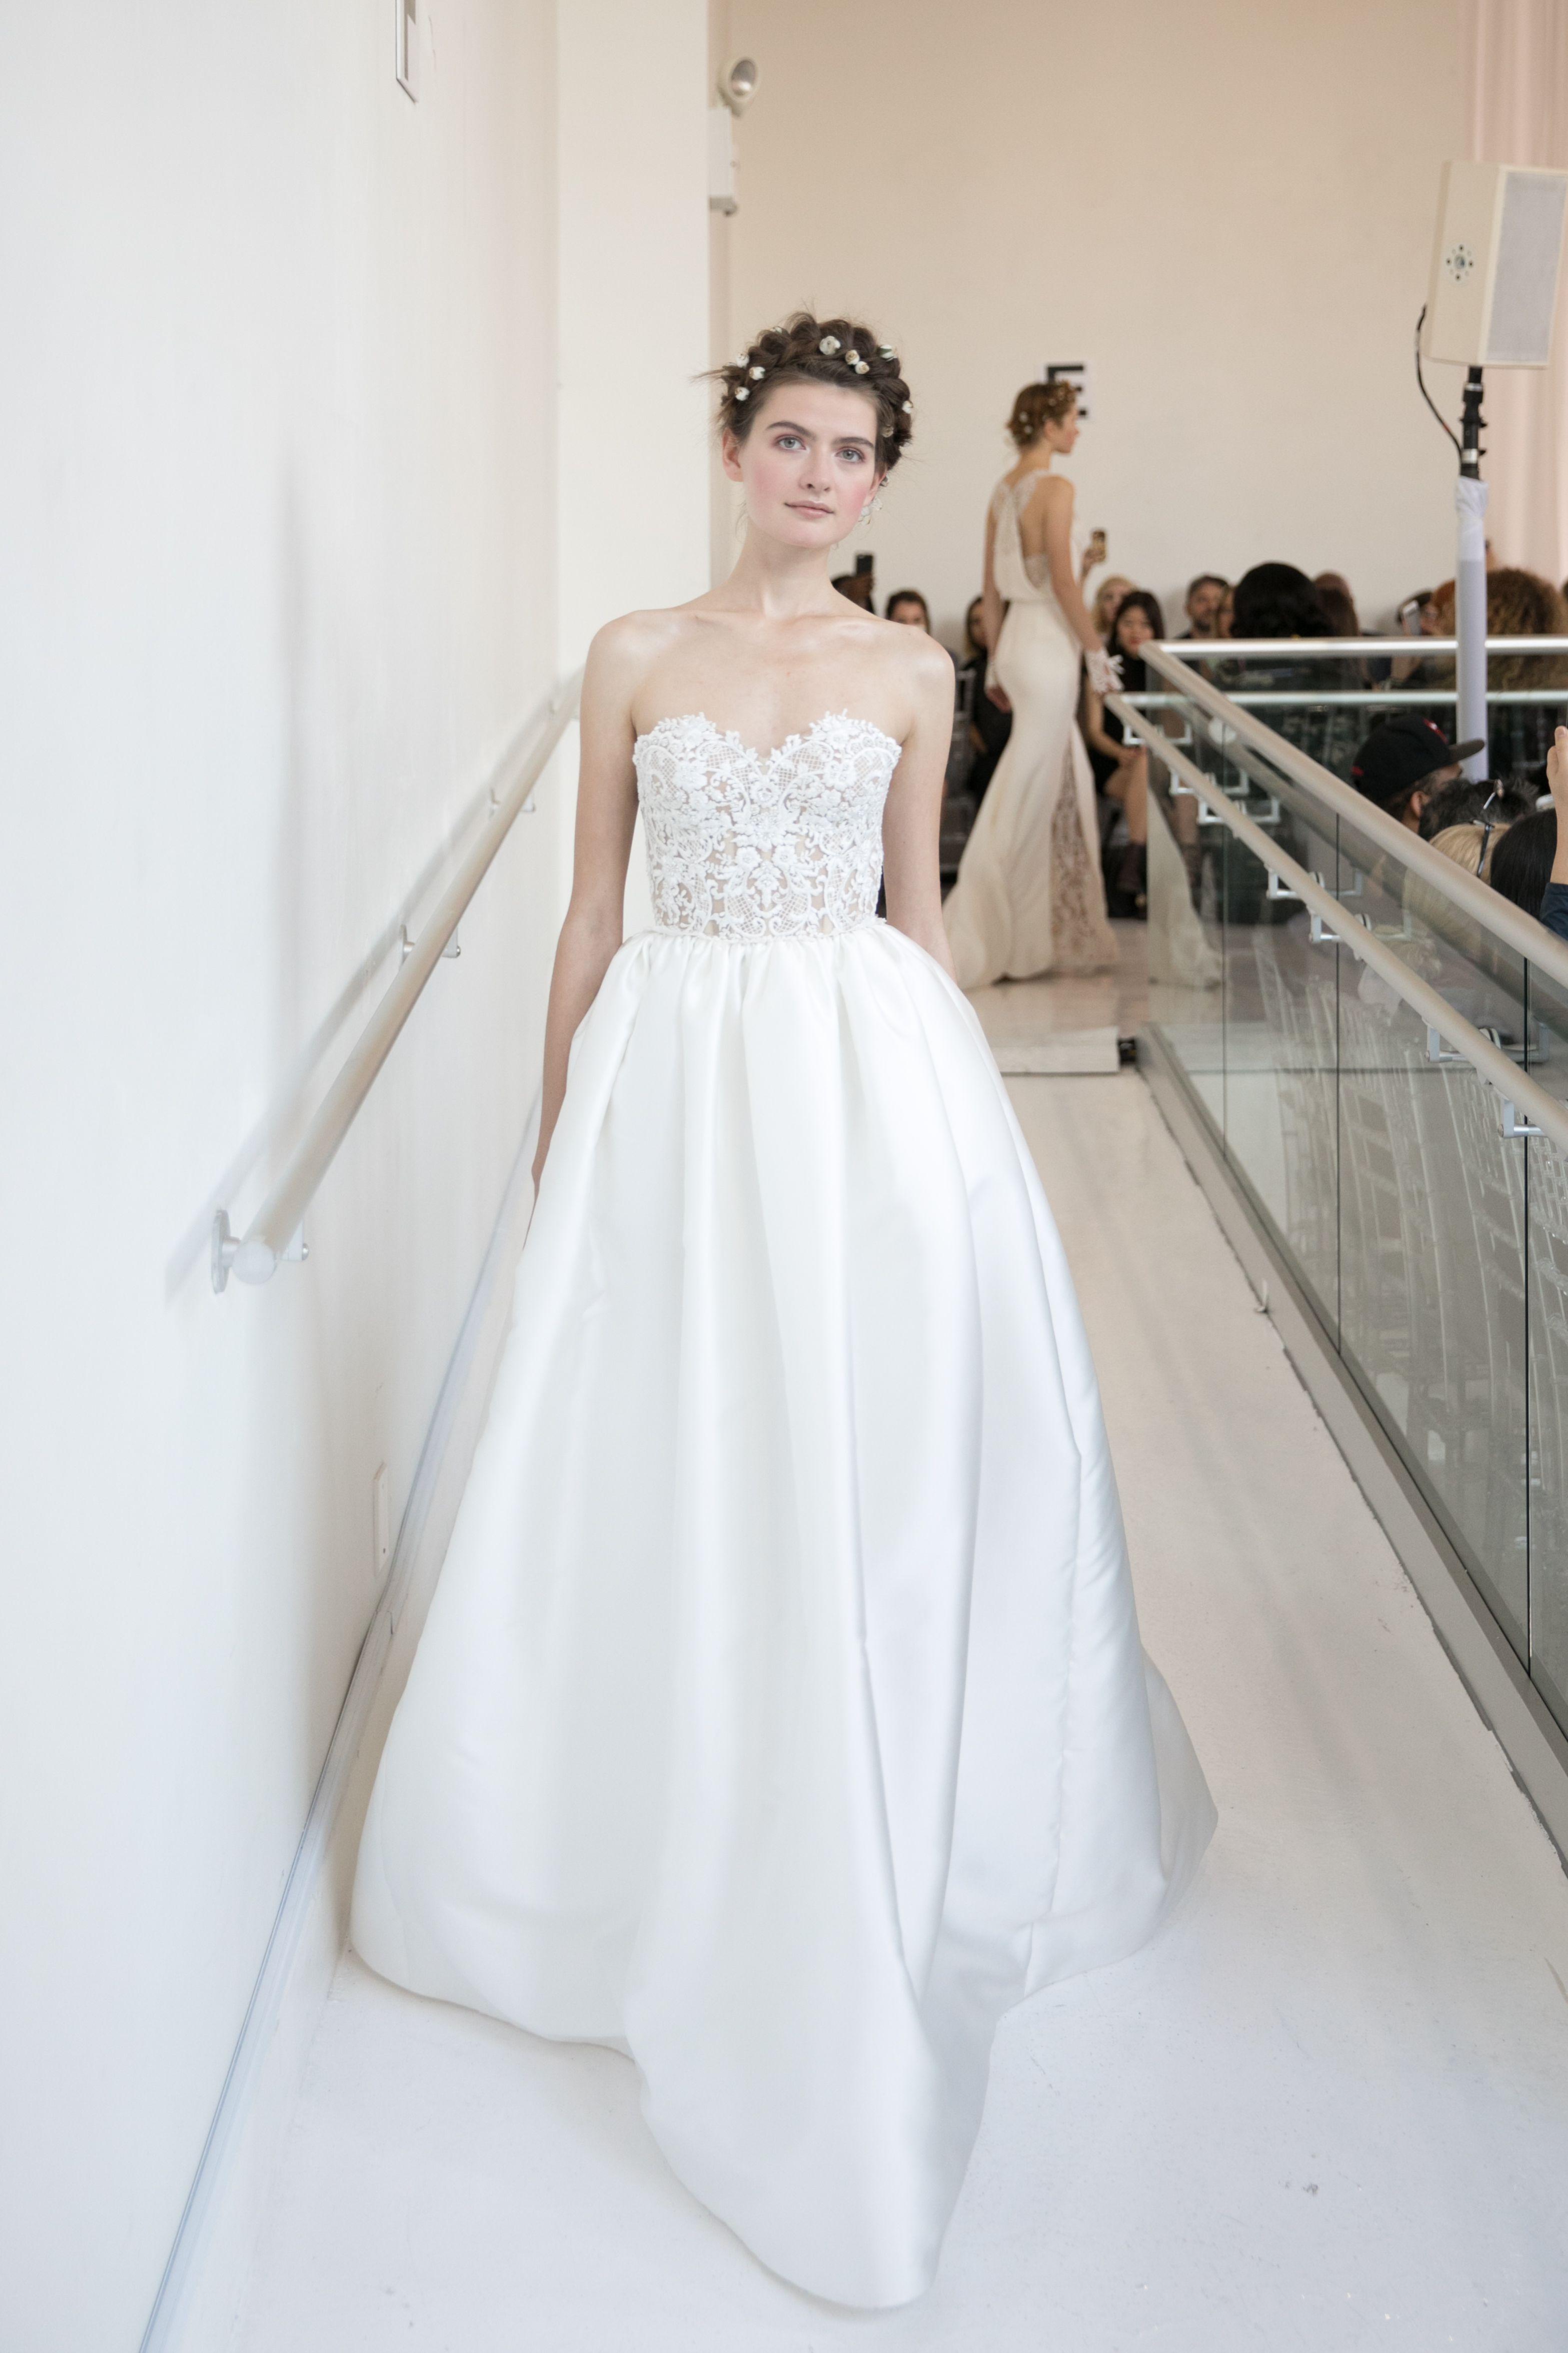 Berühmt Ricky Williams Hochzeitskleid Fotos - Brautkleider Ideen ...